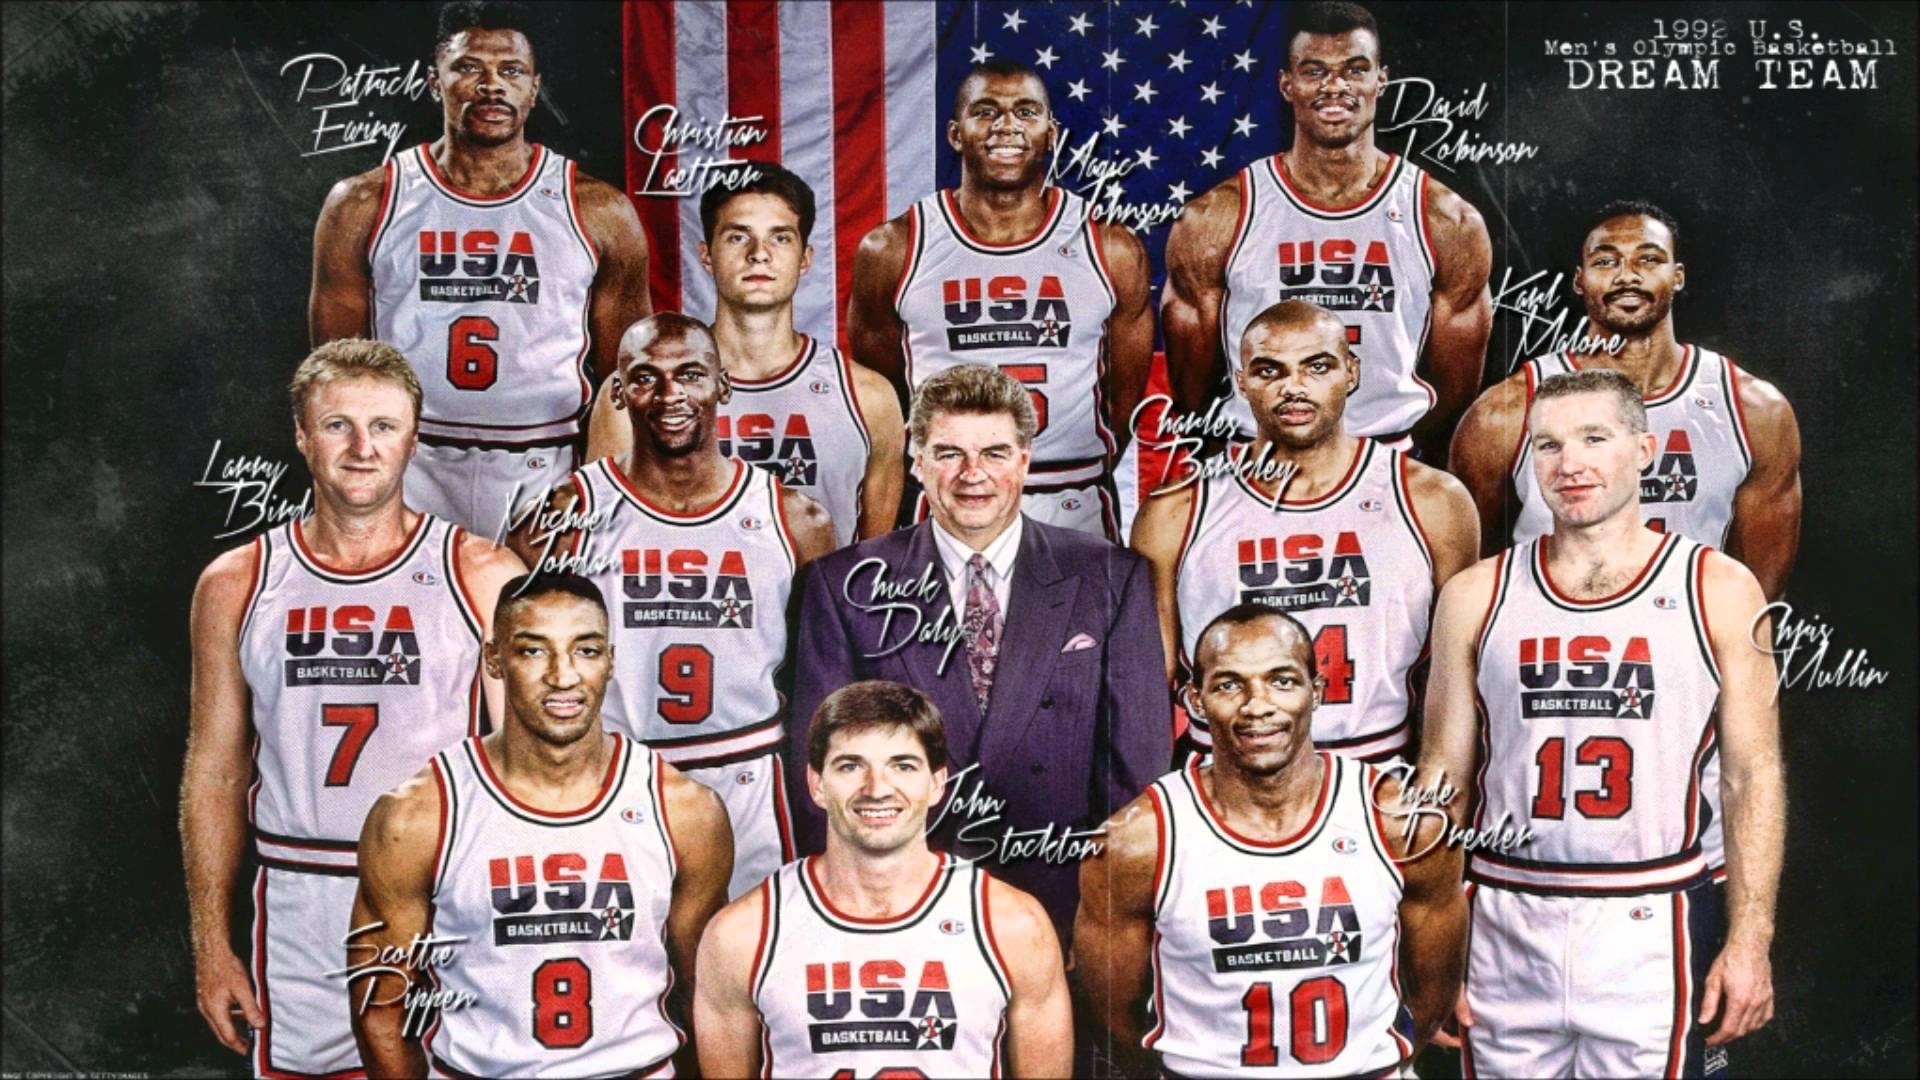 dream team usa 1992